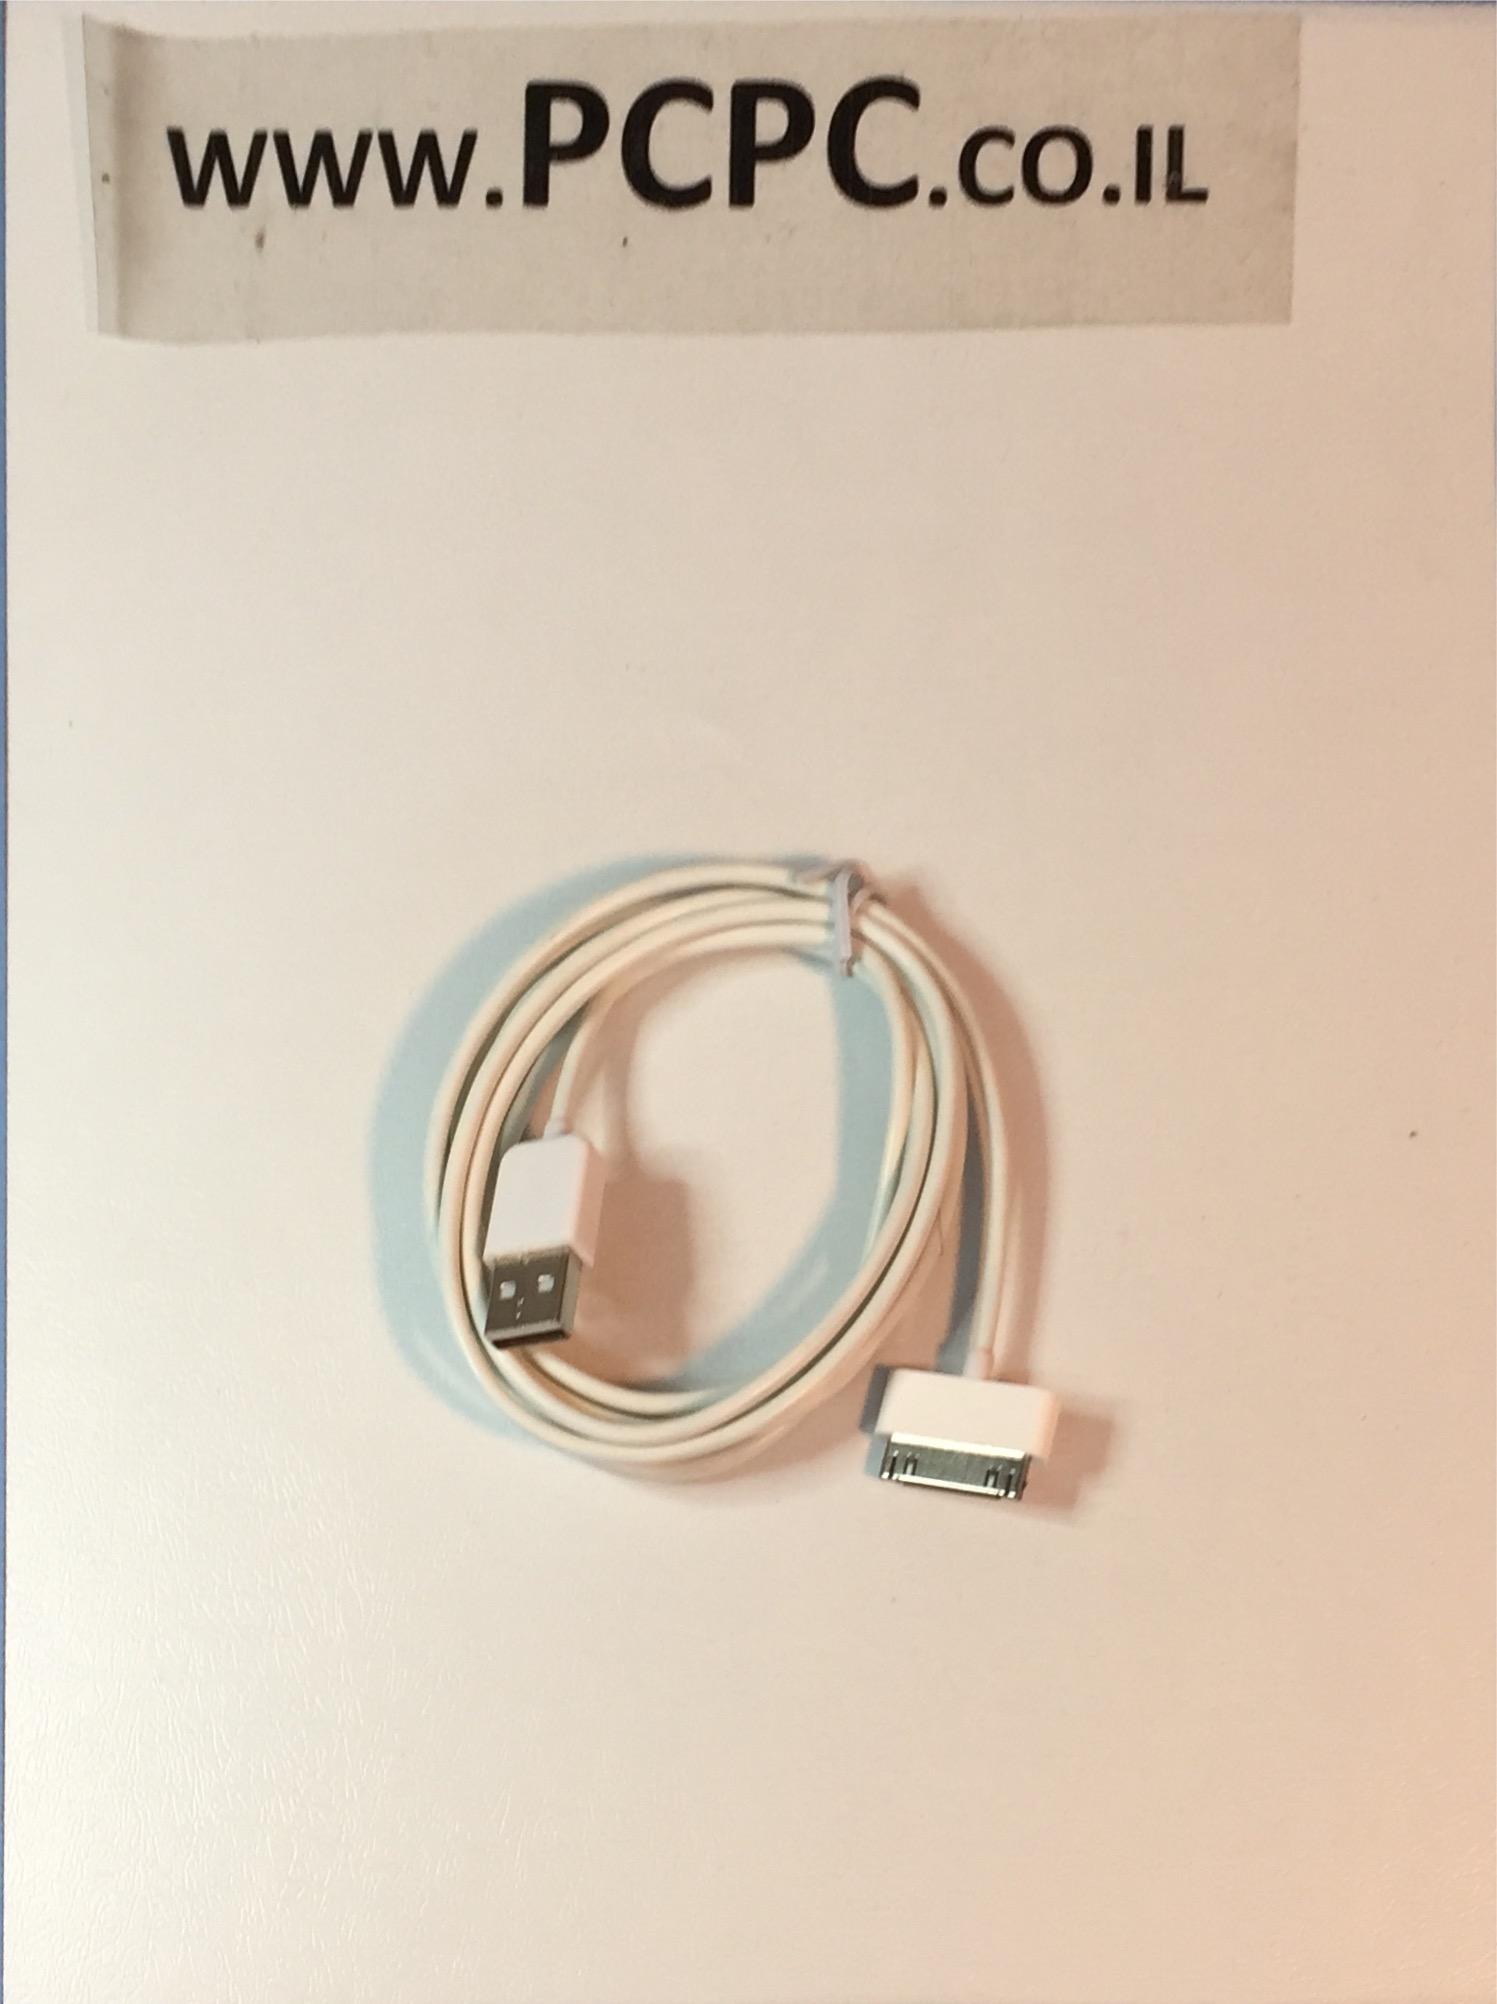 כבל USB  לסינכרון והטענה IPHONE-4 אורך 2 מטר